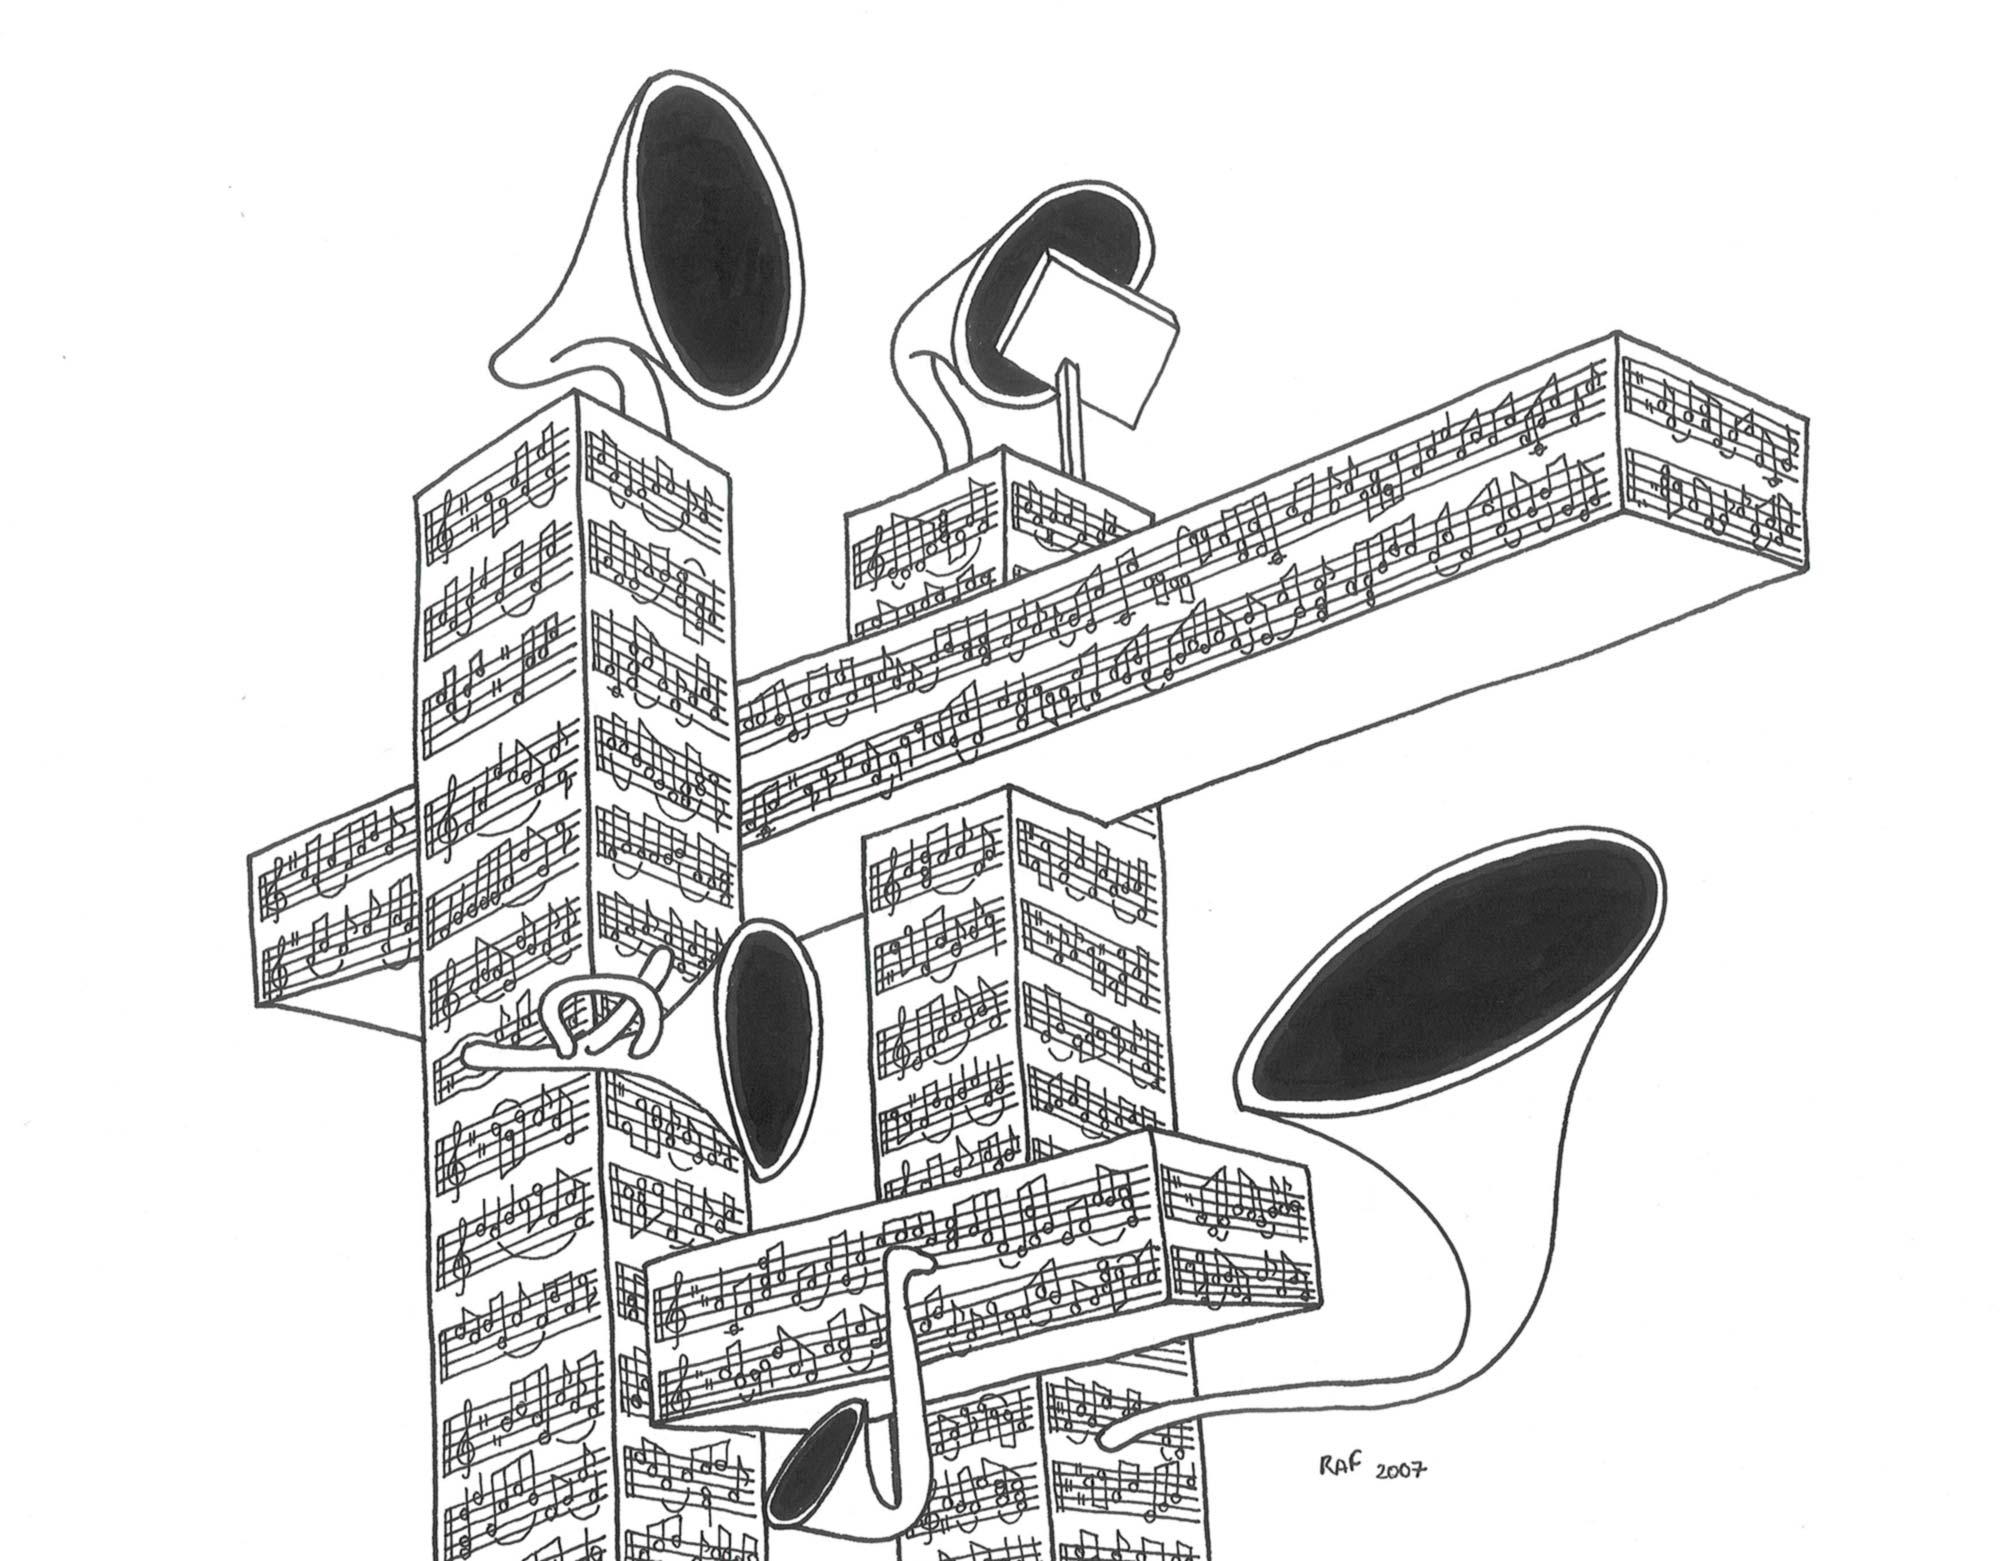 Bach ground, dessin, Raf Listowski, 2007